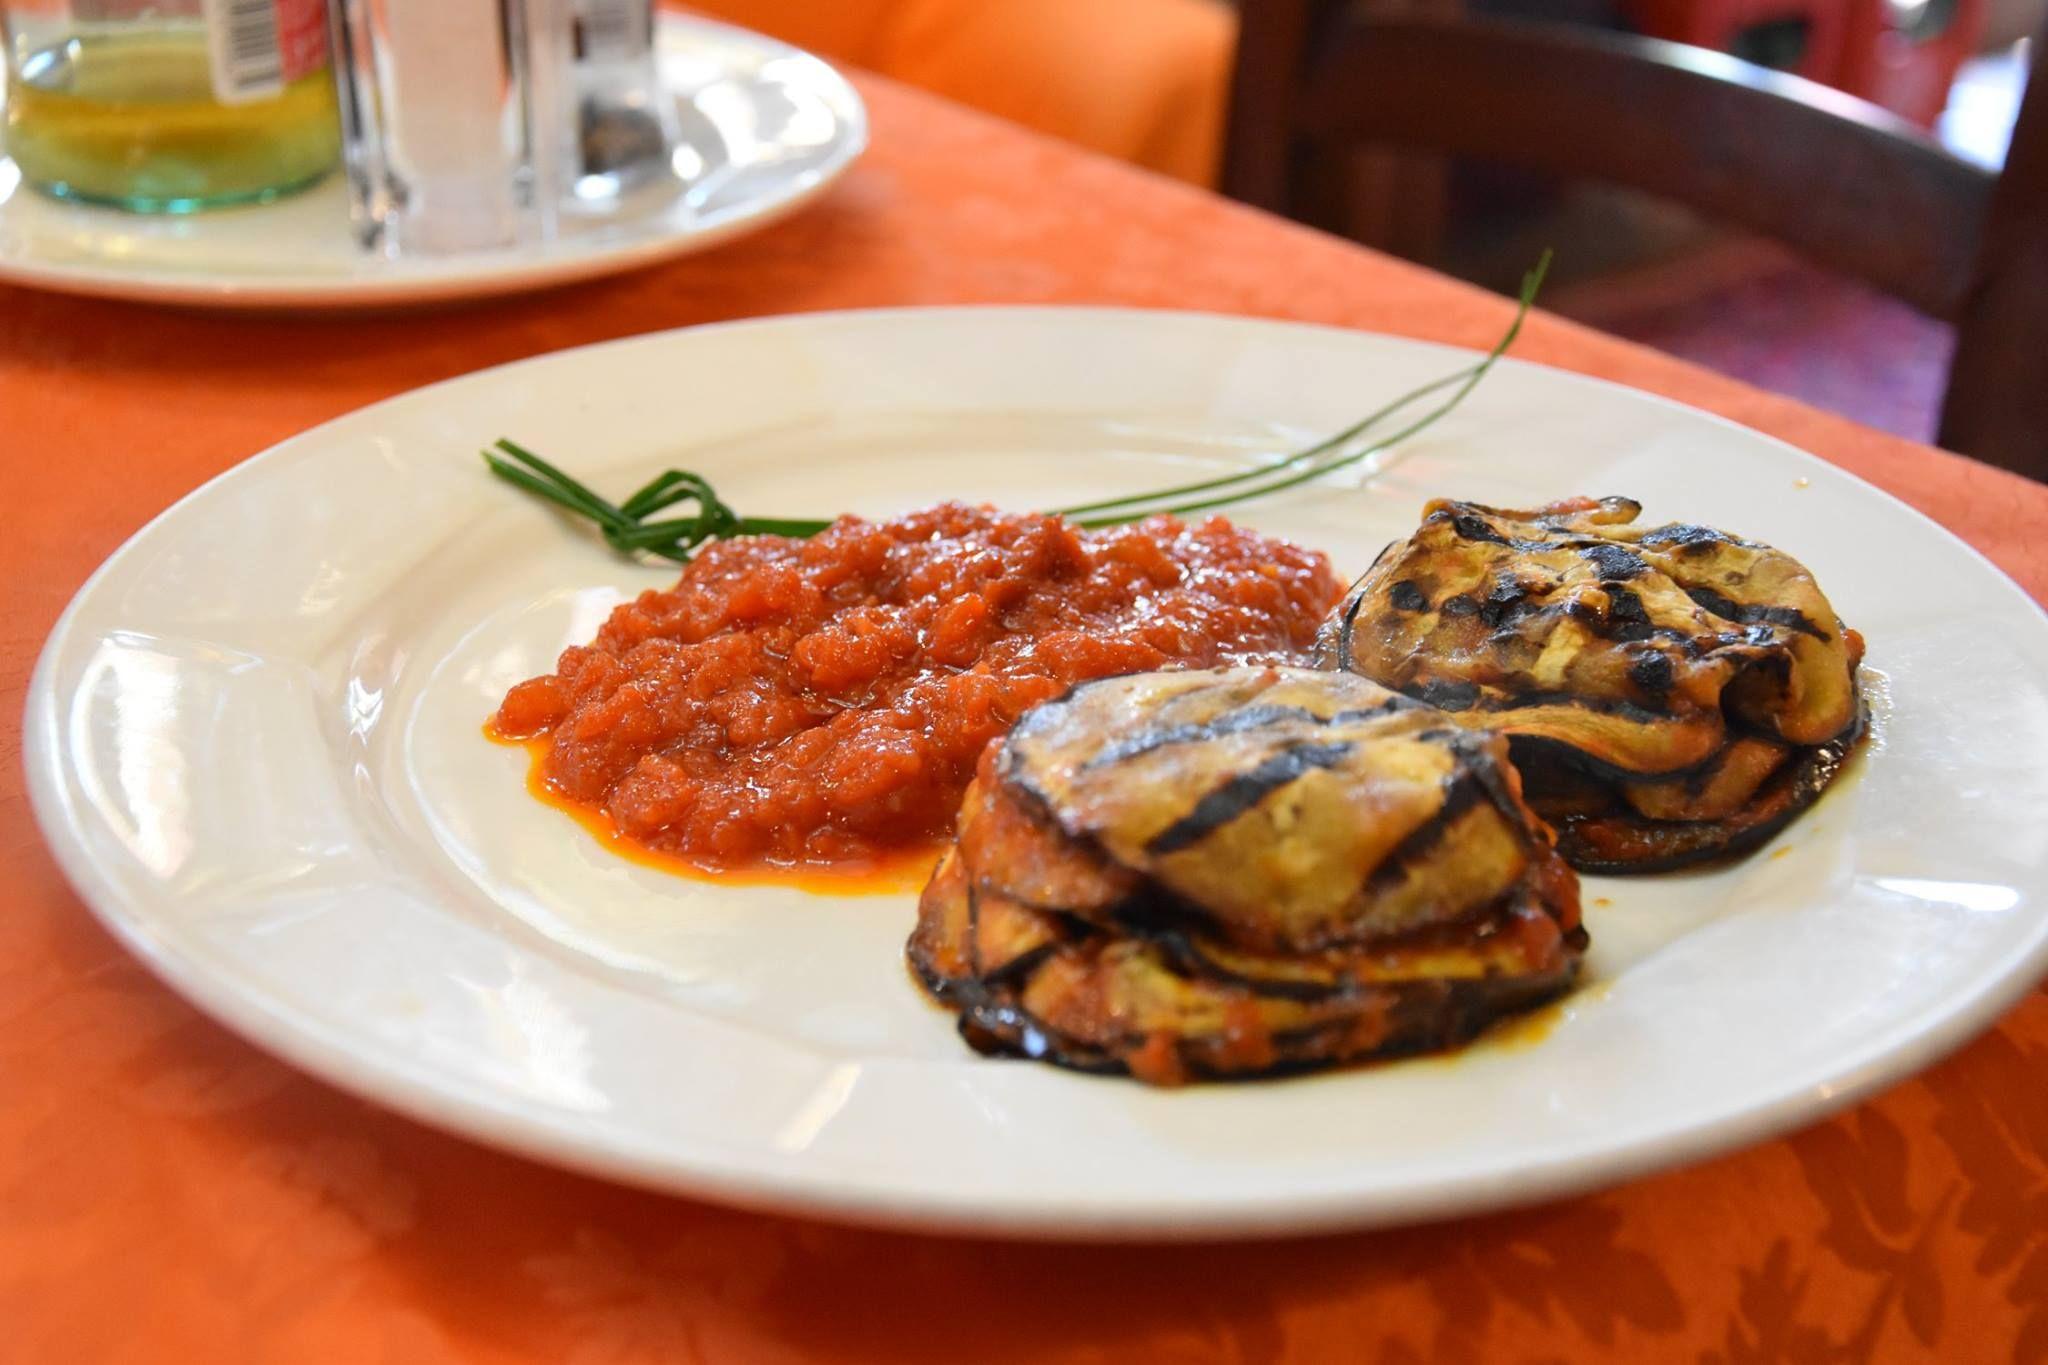 #AlPostiglione vi propone una cucina genuina ed espressa, ingredienti freschi e buoni. Venite a trovarci e saremo lieti a cucinare per Voi. Per info e prenotazioni: 0425.21777 www.alpostiglione.it #ristoranterovigo #ristorantecarnerovigo #ristorantirovigo